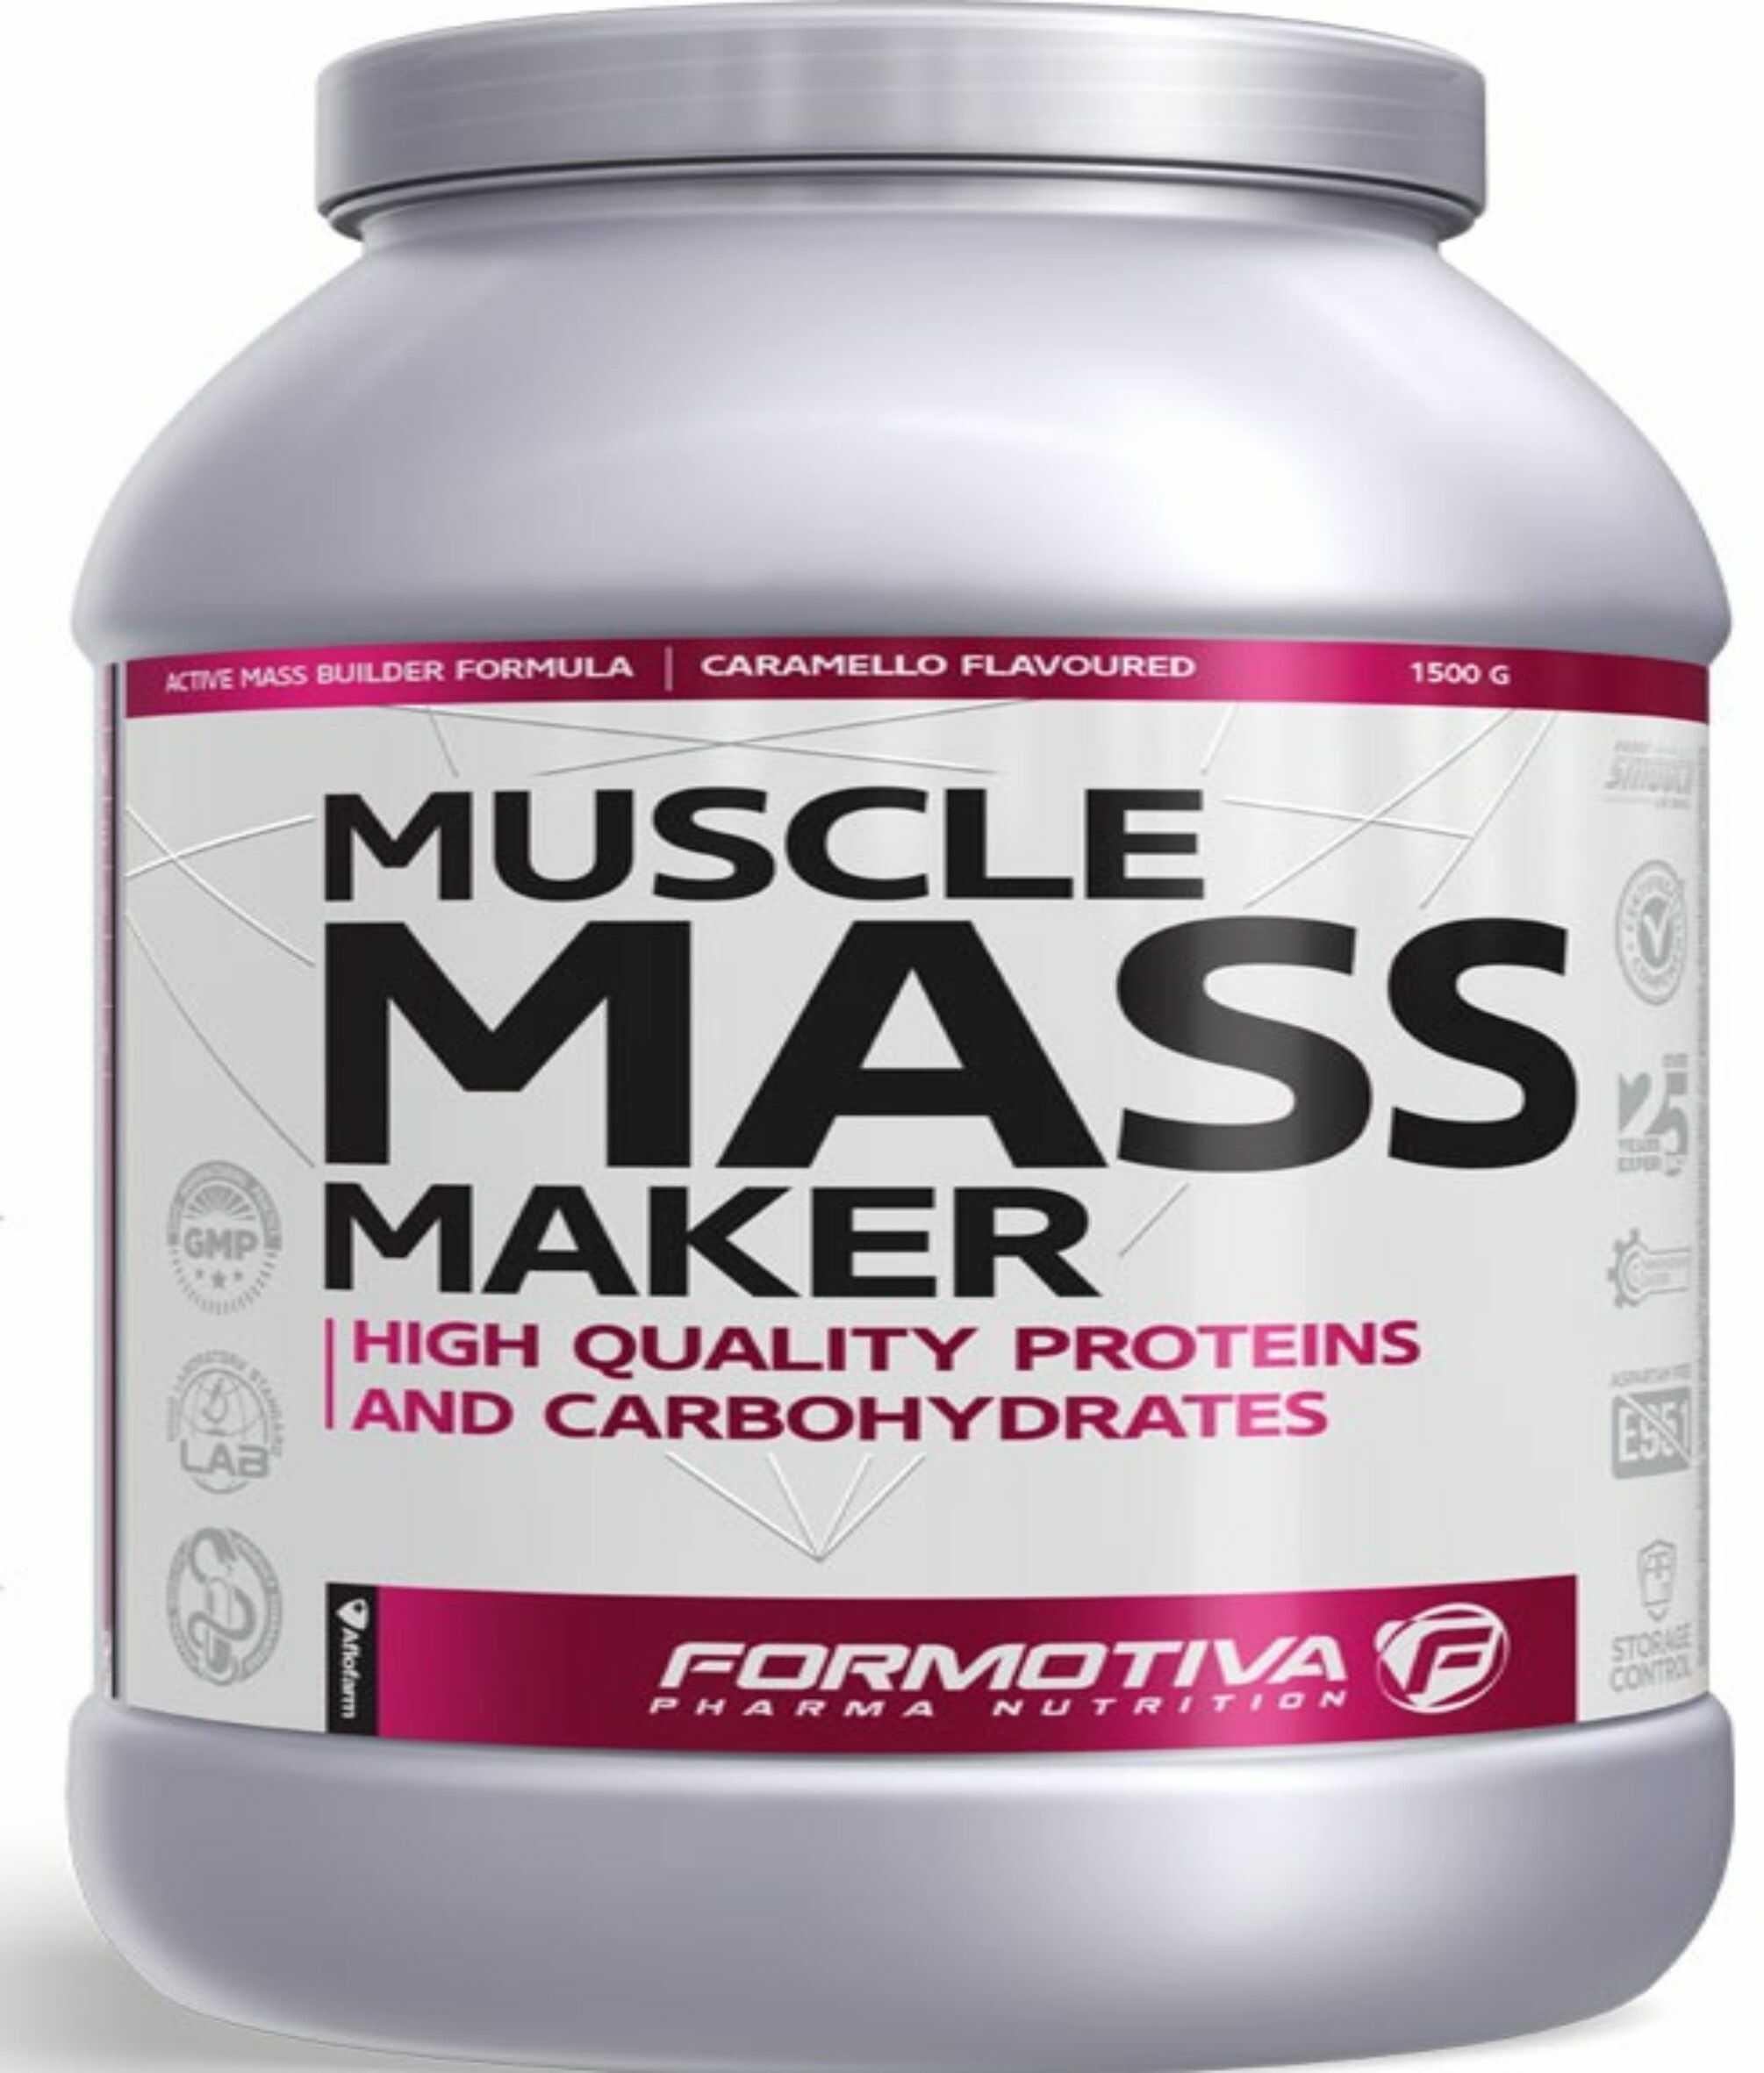 FORMOTIVA Muscle Mass Maker 1500 g biała czekolada TANIE ODŻYWKI , NATYCHMIASTOWA WYSYŁKA !